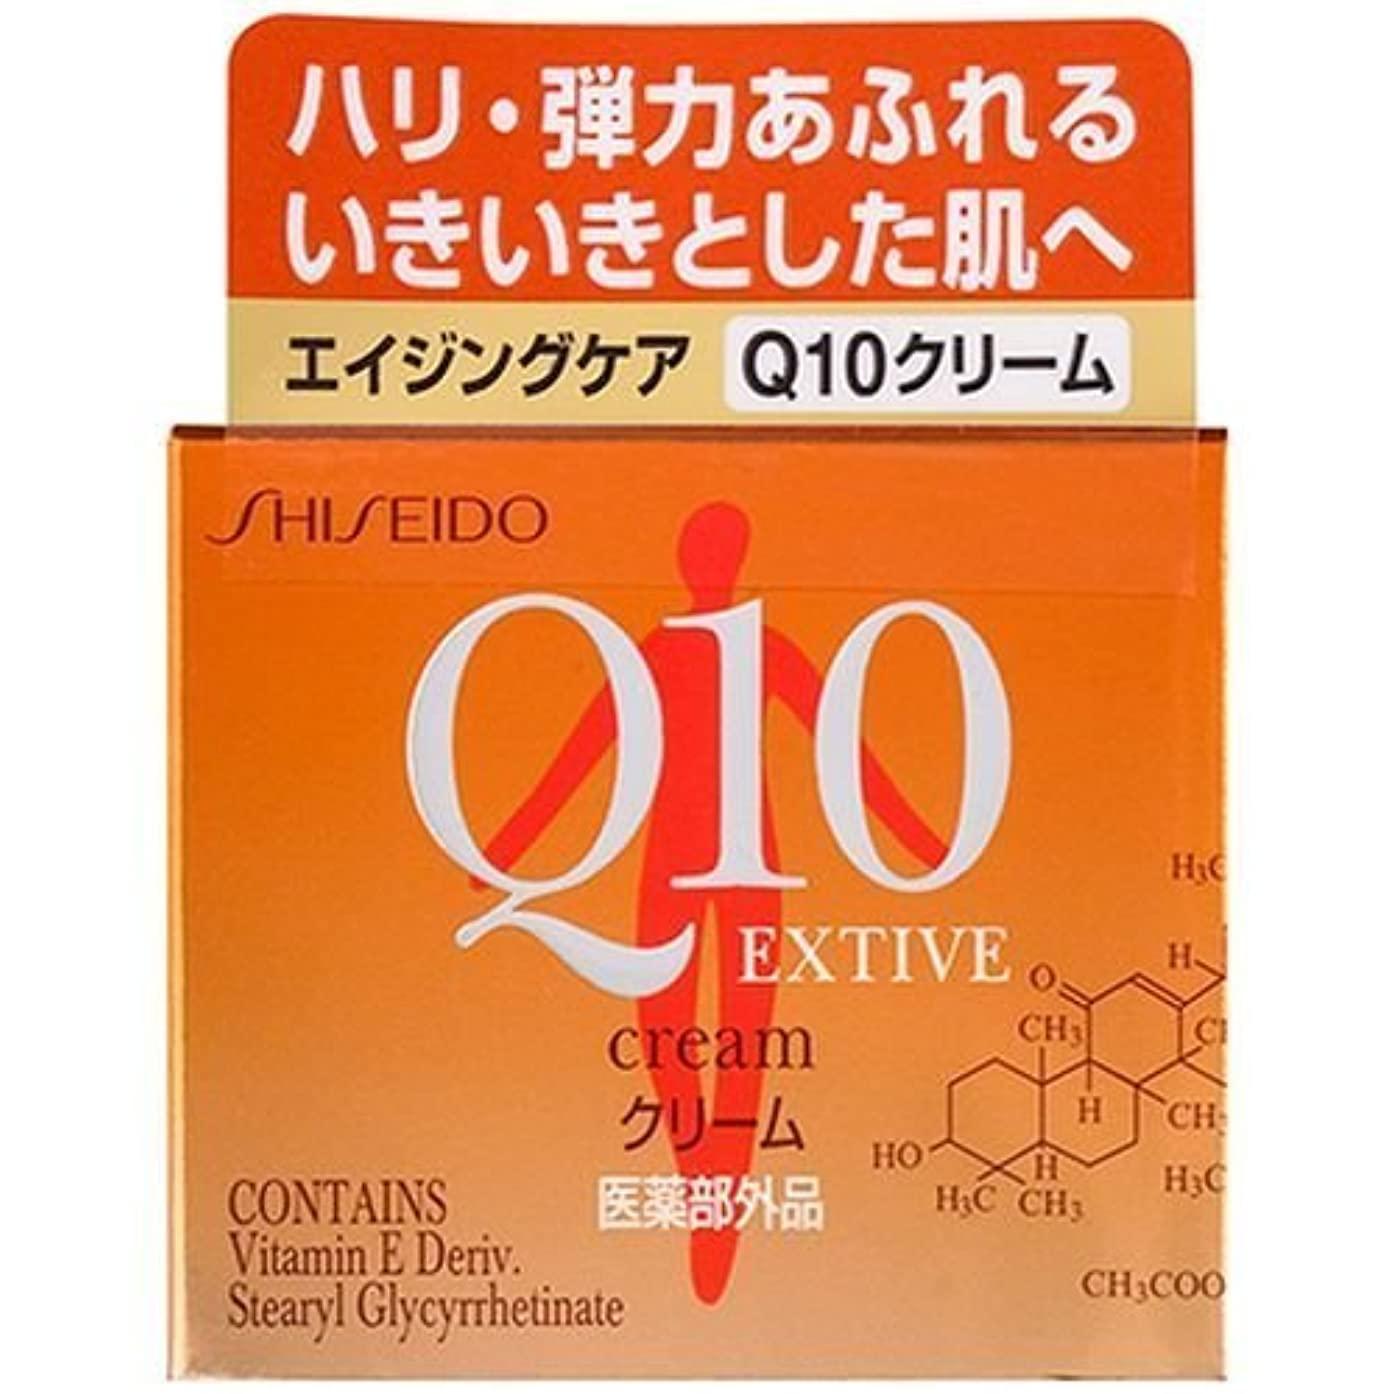 資生堂 Q10 クリーム 30g (エクティブクリーム)